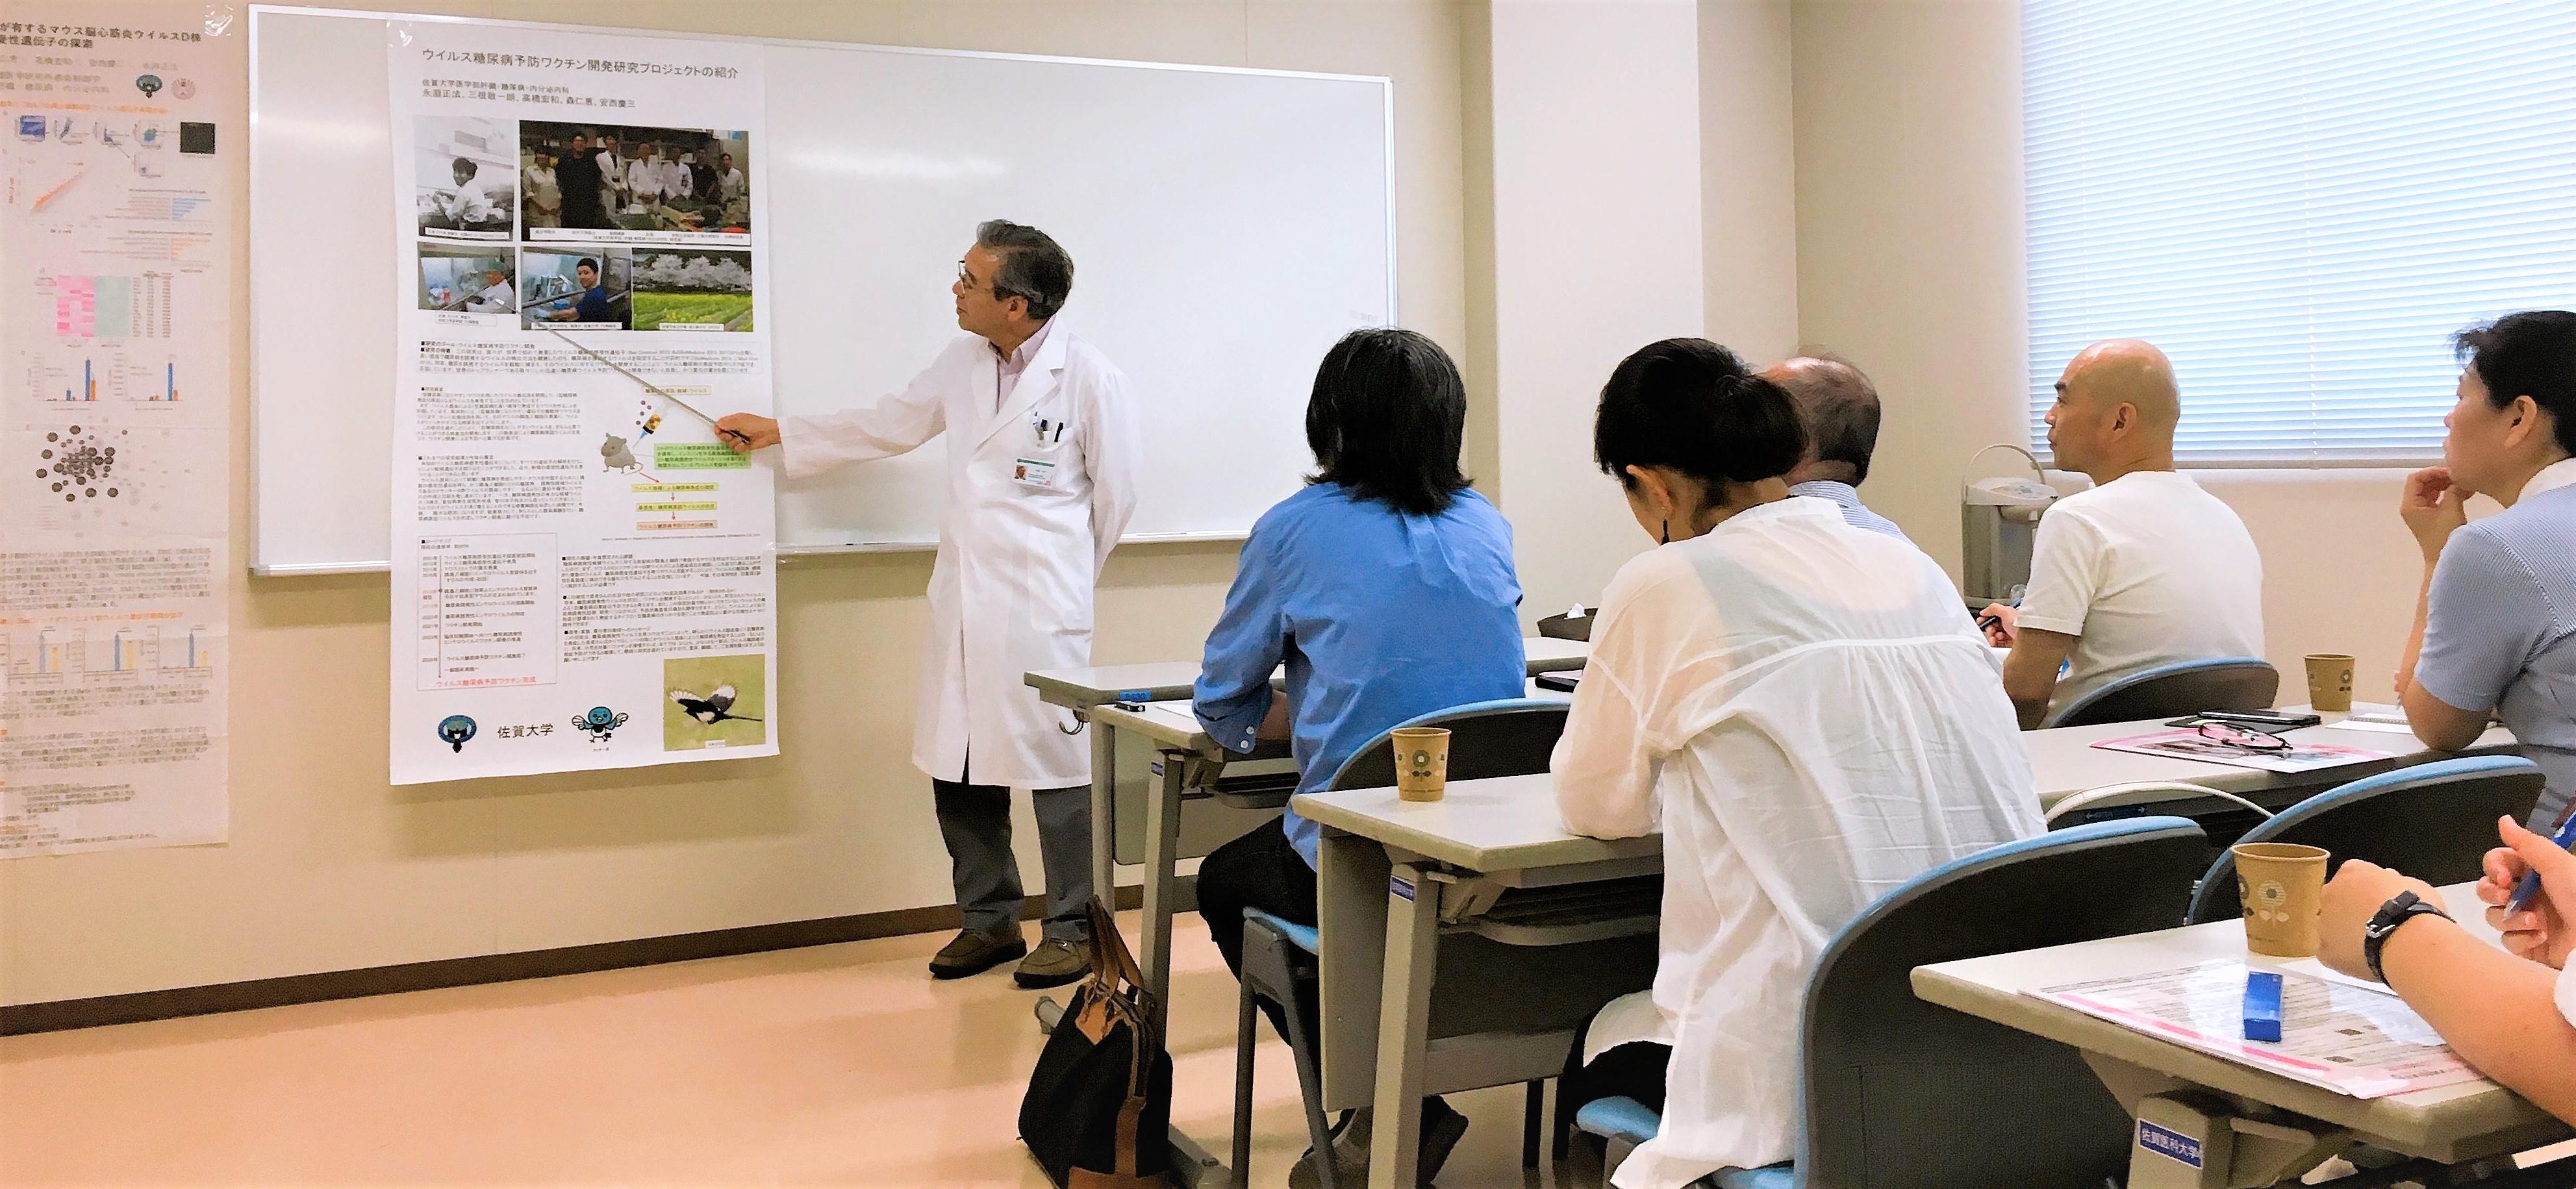 患者が行く!研究室訪問 佐賀大学 医学部肝臓・糖尿病・内分泌内科 特任教授 永淵正法先生